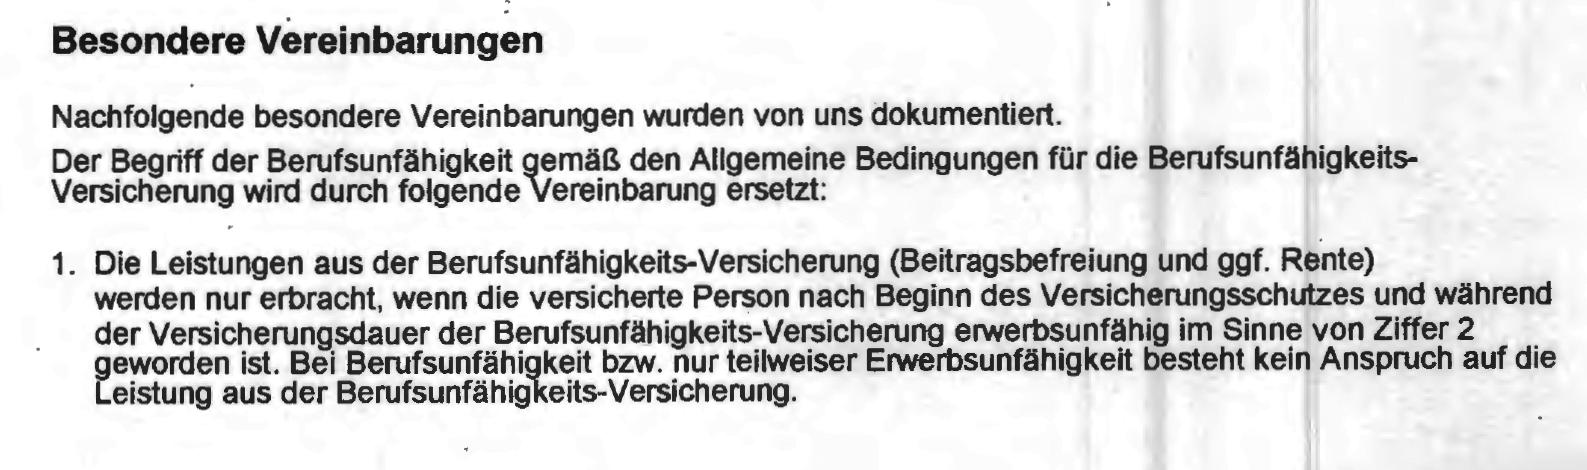 """EU-Klausel: """"Bei Berufsunfähigkeit (...) besteht kein Anspruch auf die Leistung aus der Berufsunfähigkeits-Versicherung"""""""